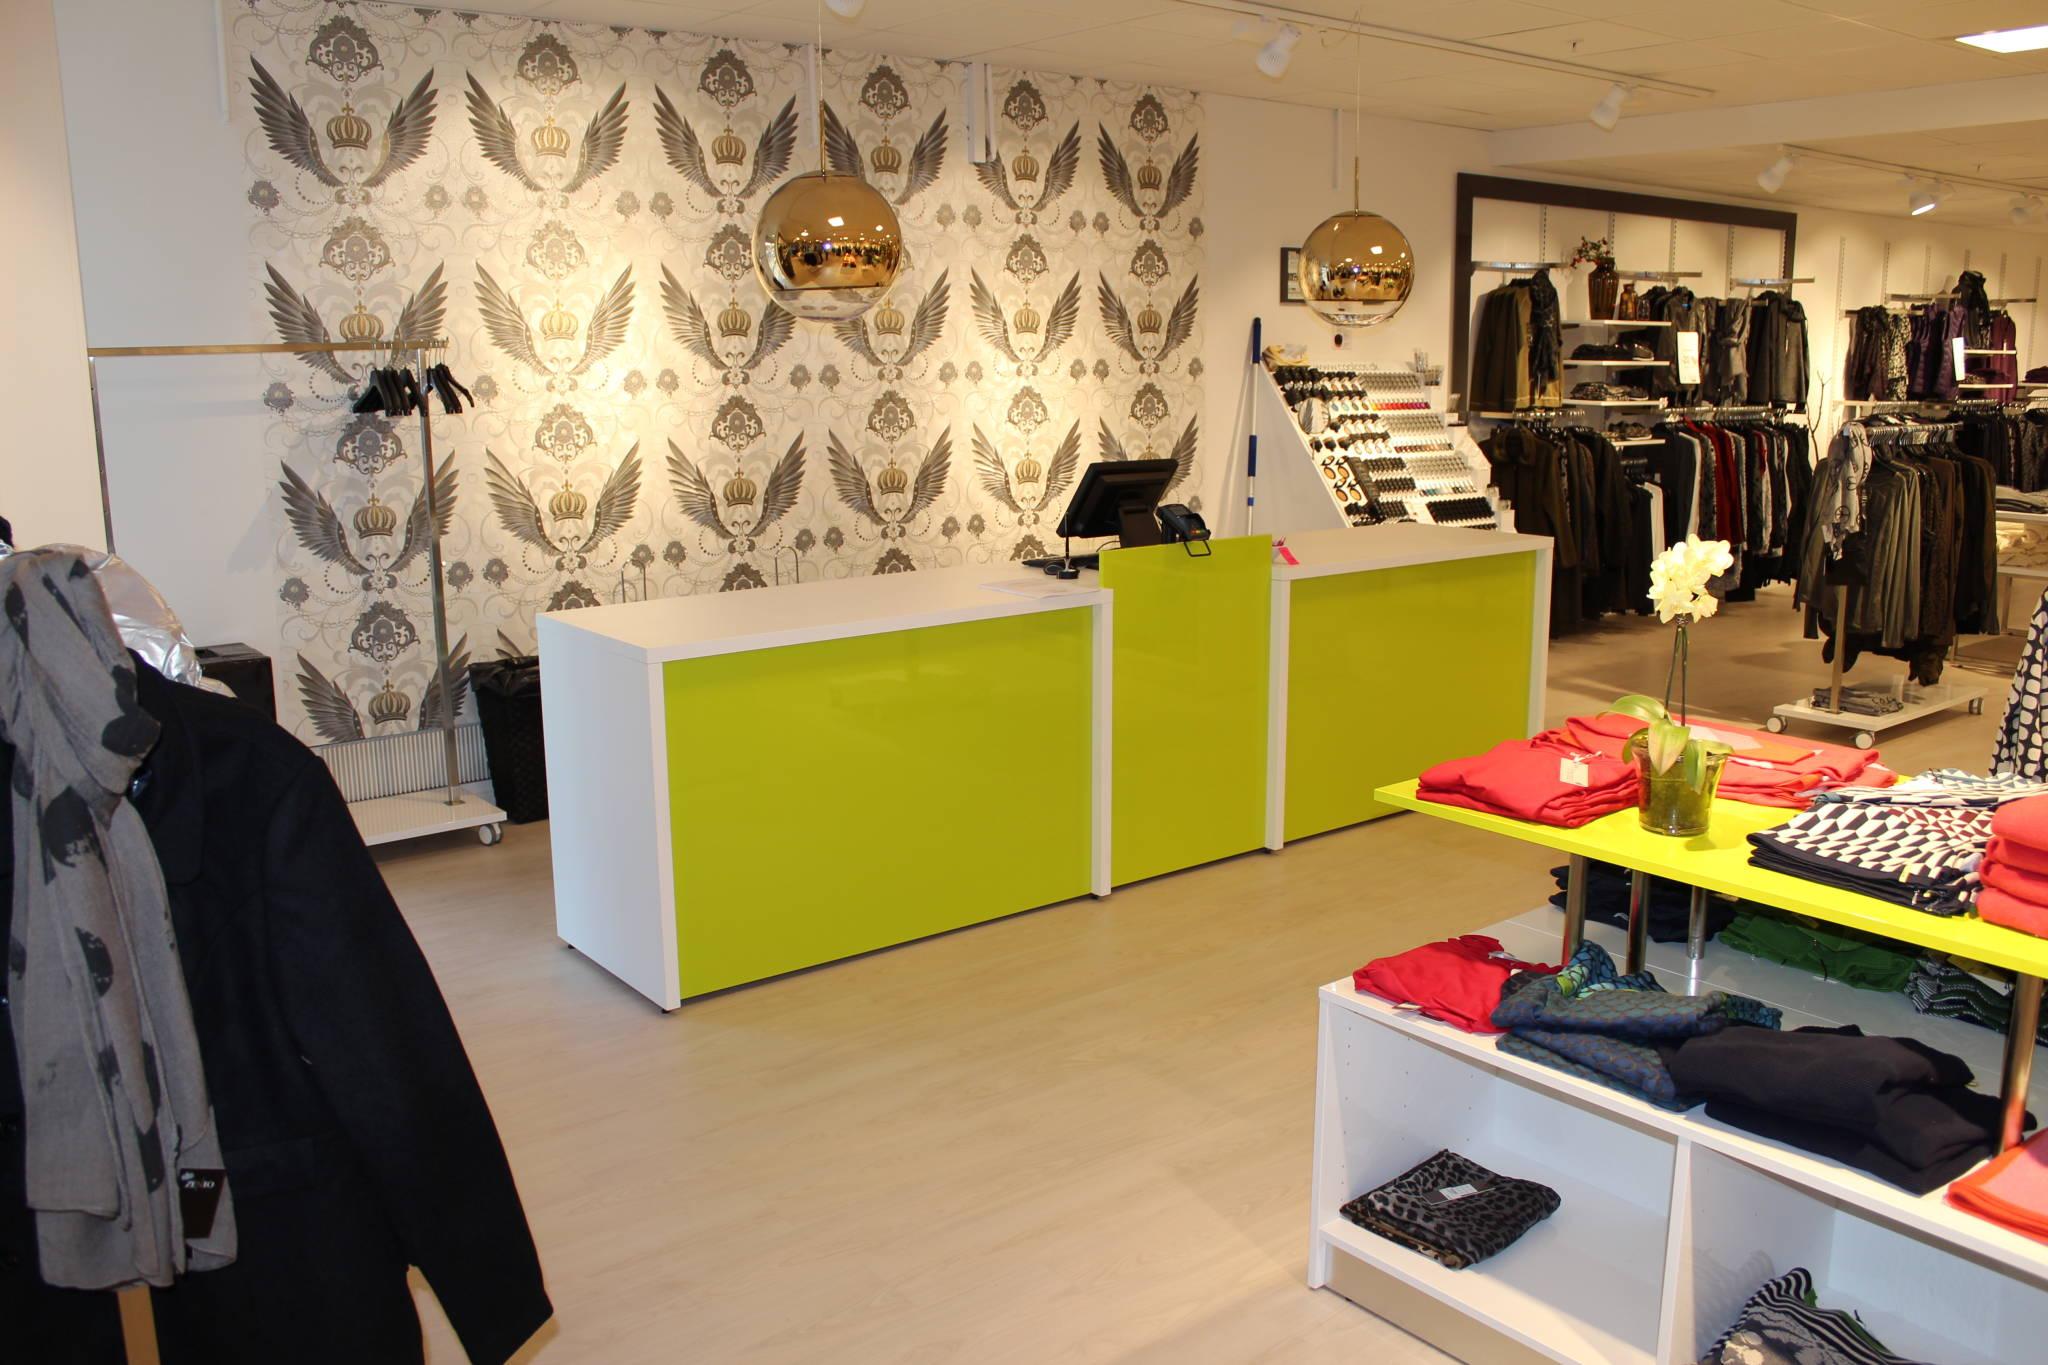 Butiksdesign og butiksinventar med en flot butiksdisk og mange lækre detaljer med tapeter, lamper, farver m.m. Butiksinventar i flotte farver